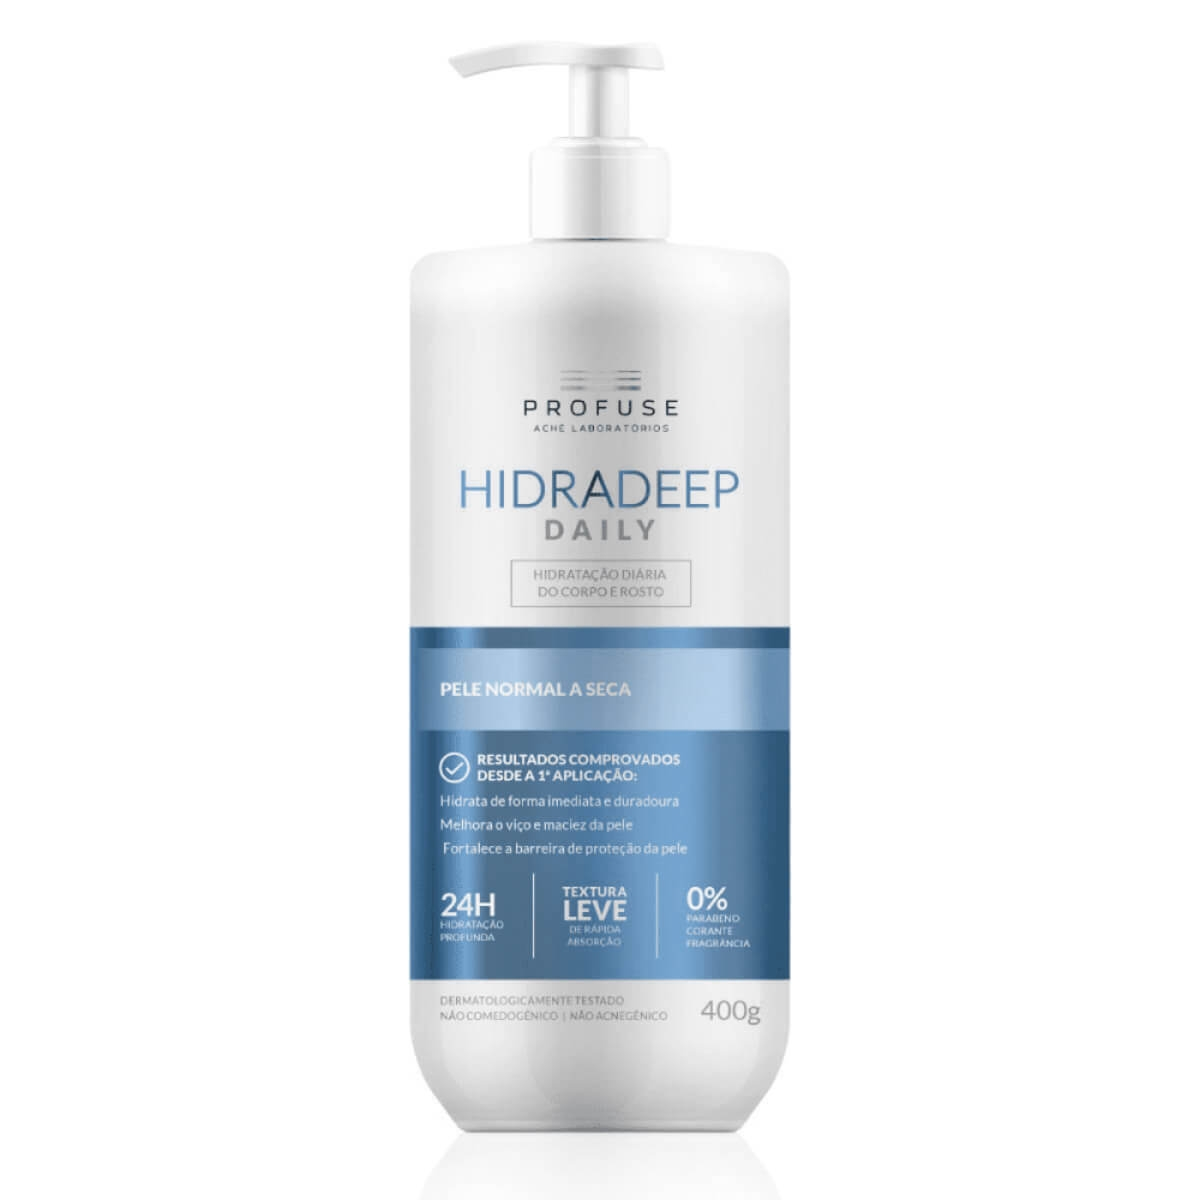 Hidratante para Corpo e Rosto Profuse Hidradeep Daily Pele Normal a Seca com 400g 400g